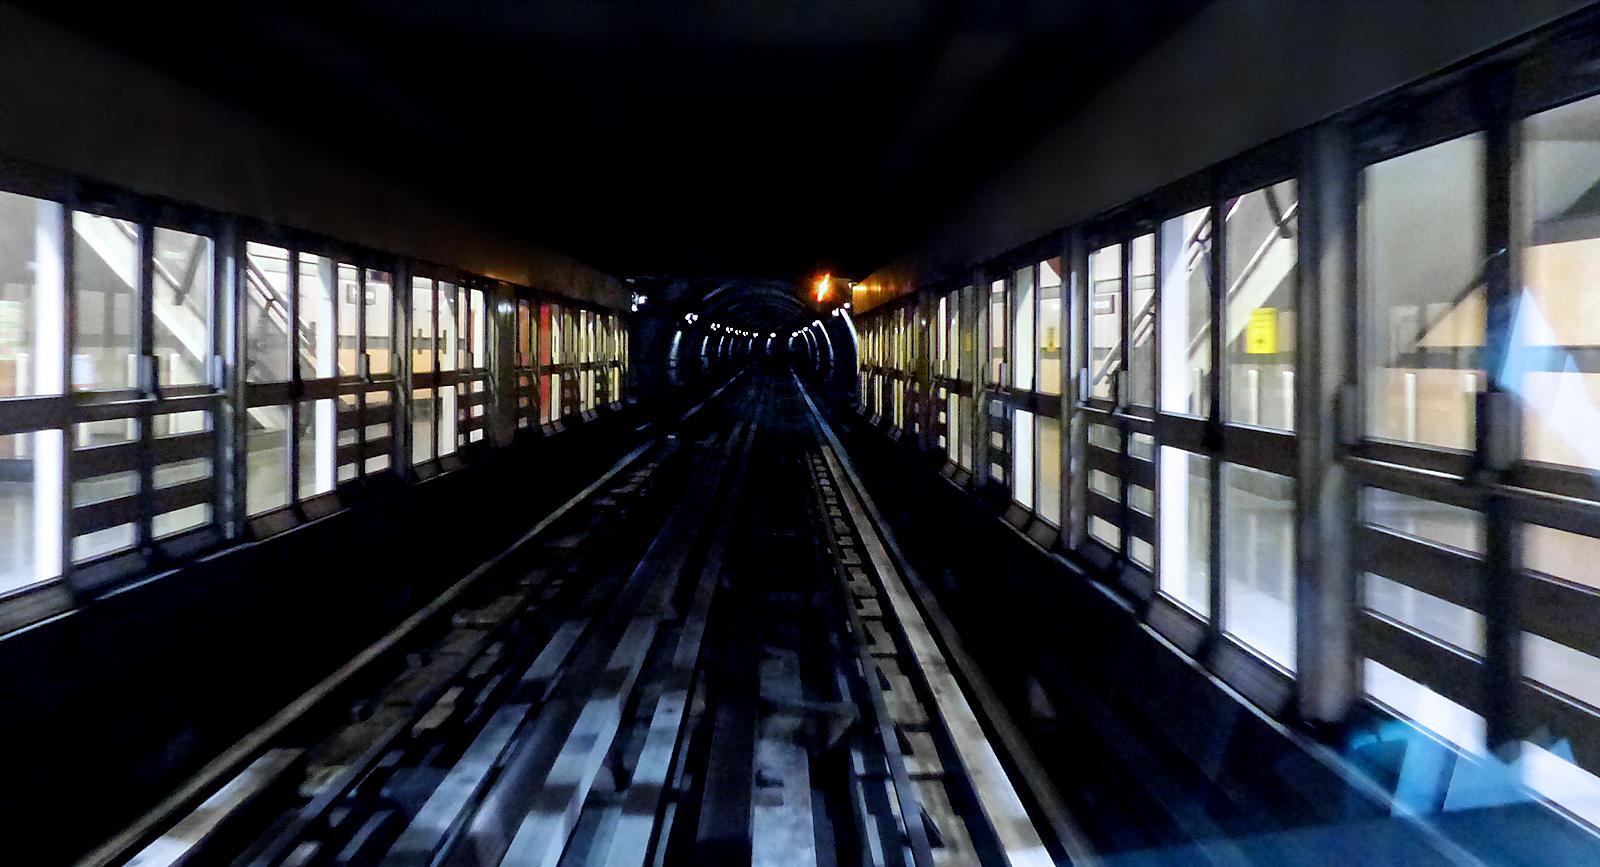 Métro Mercure Tourcoing - Voies, rails